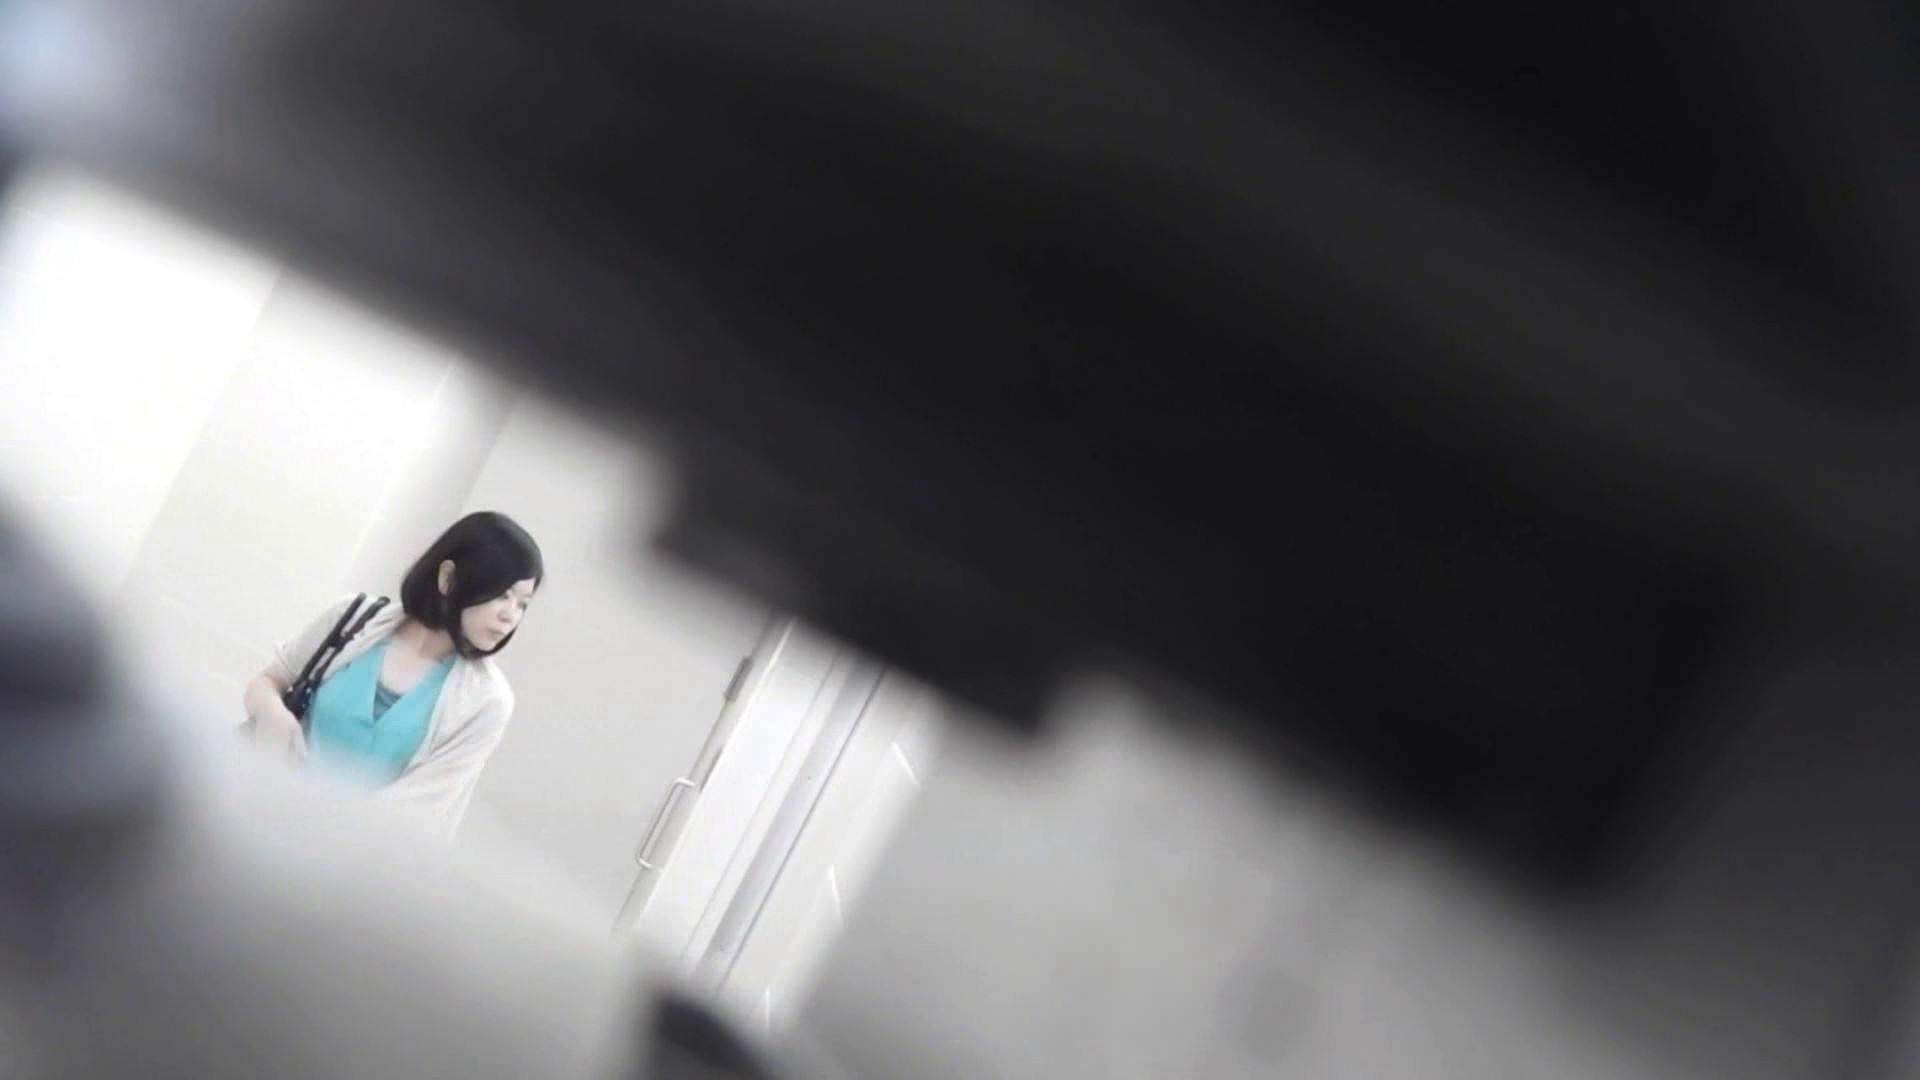 vol.25三十時間潜り、一つしか出会えない完璧桃尻編 byお銀 美人  84PIX 54